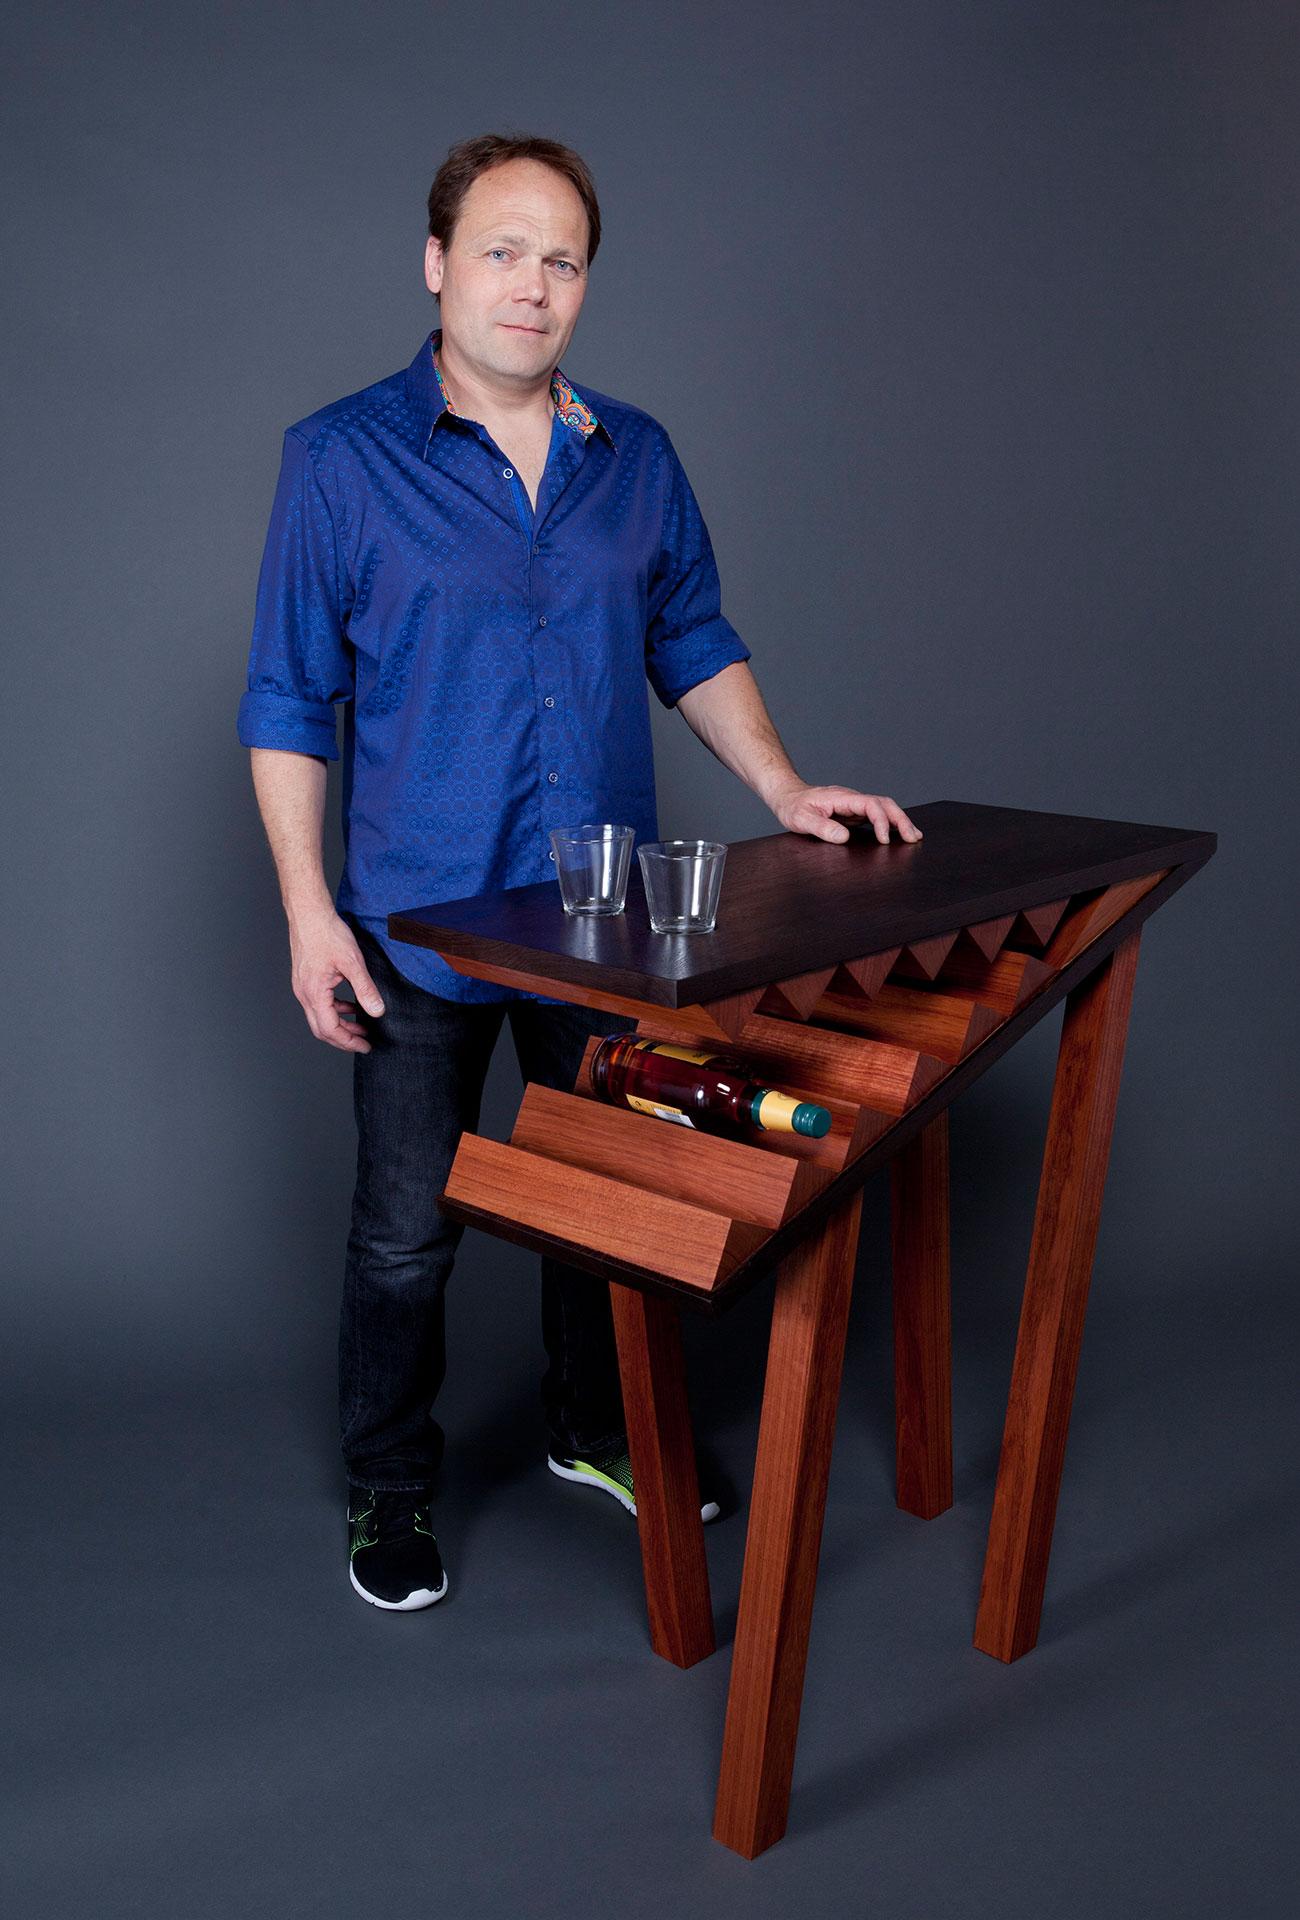 Erik Wilmot mit Konsolenbar und Gläsern